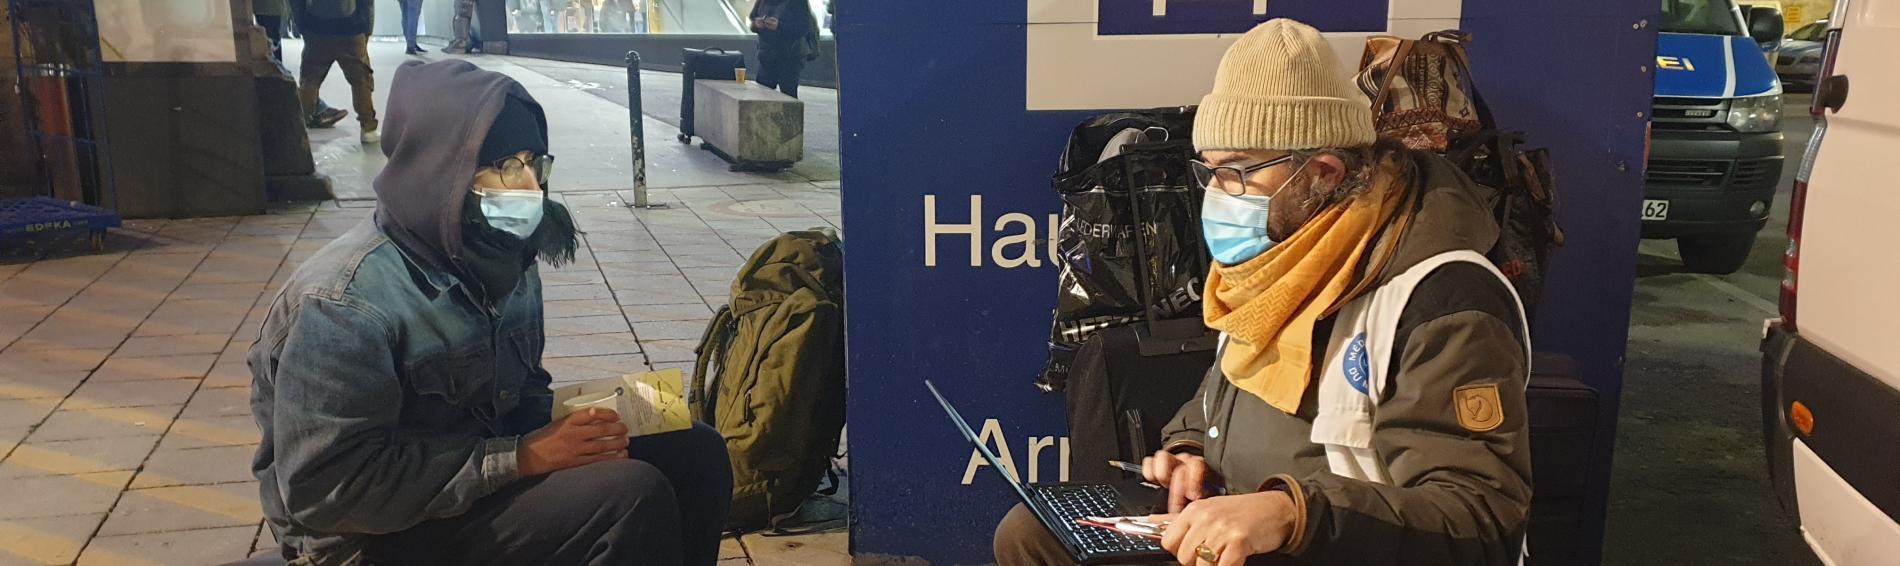 Ärzte der Welt-Mitarbeiter im Gespräch mit einem Patienten. Foto: Ärzte der Welt